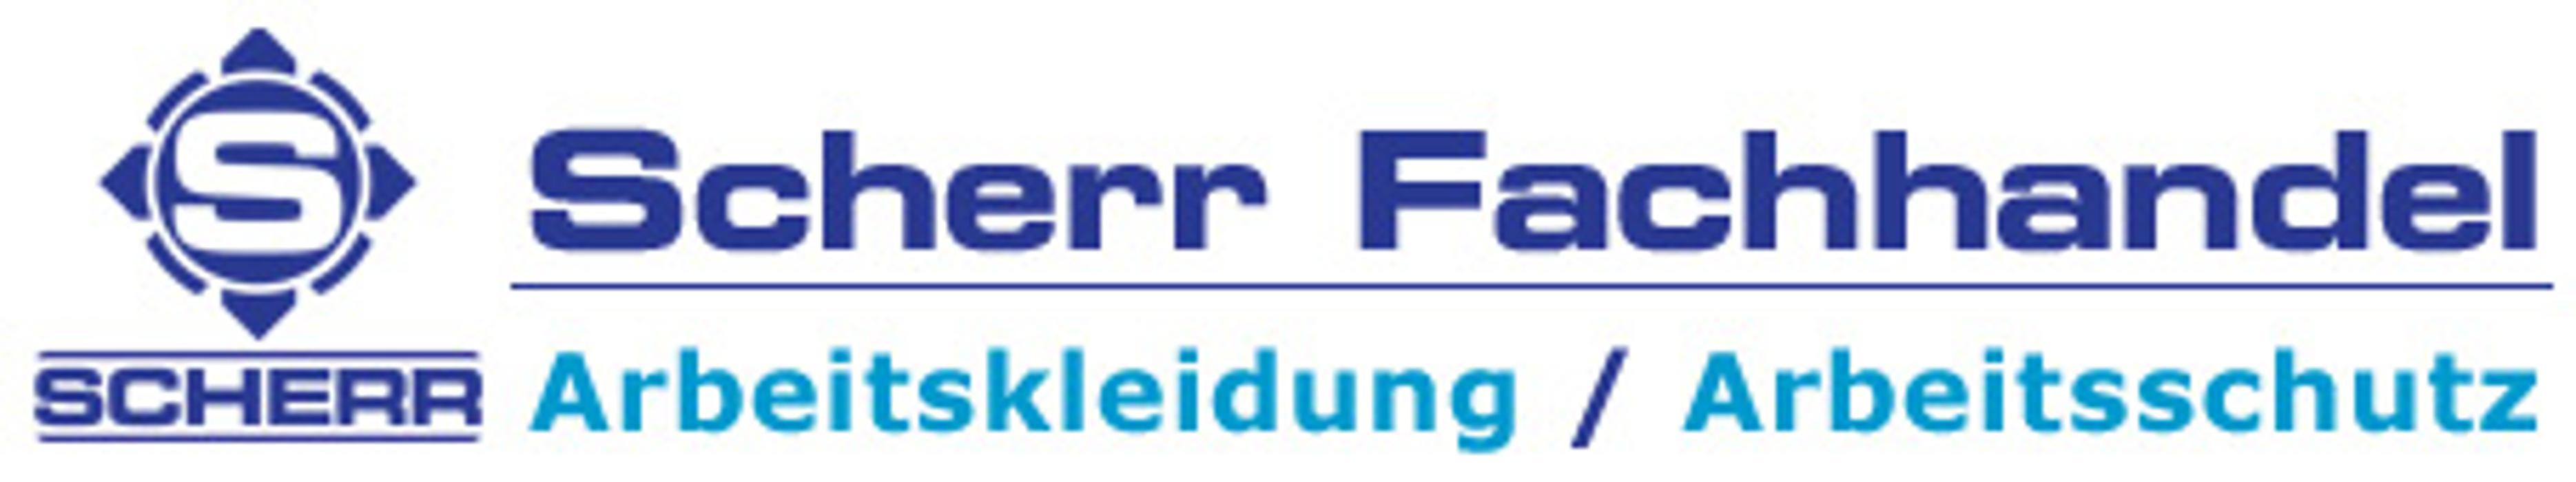 Bild zu Scherr Fachhandel in Mühldorf am Inn